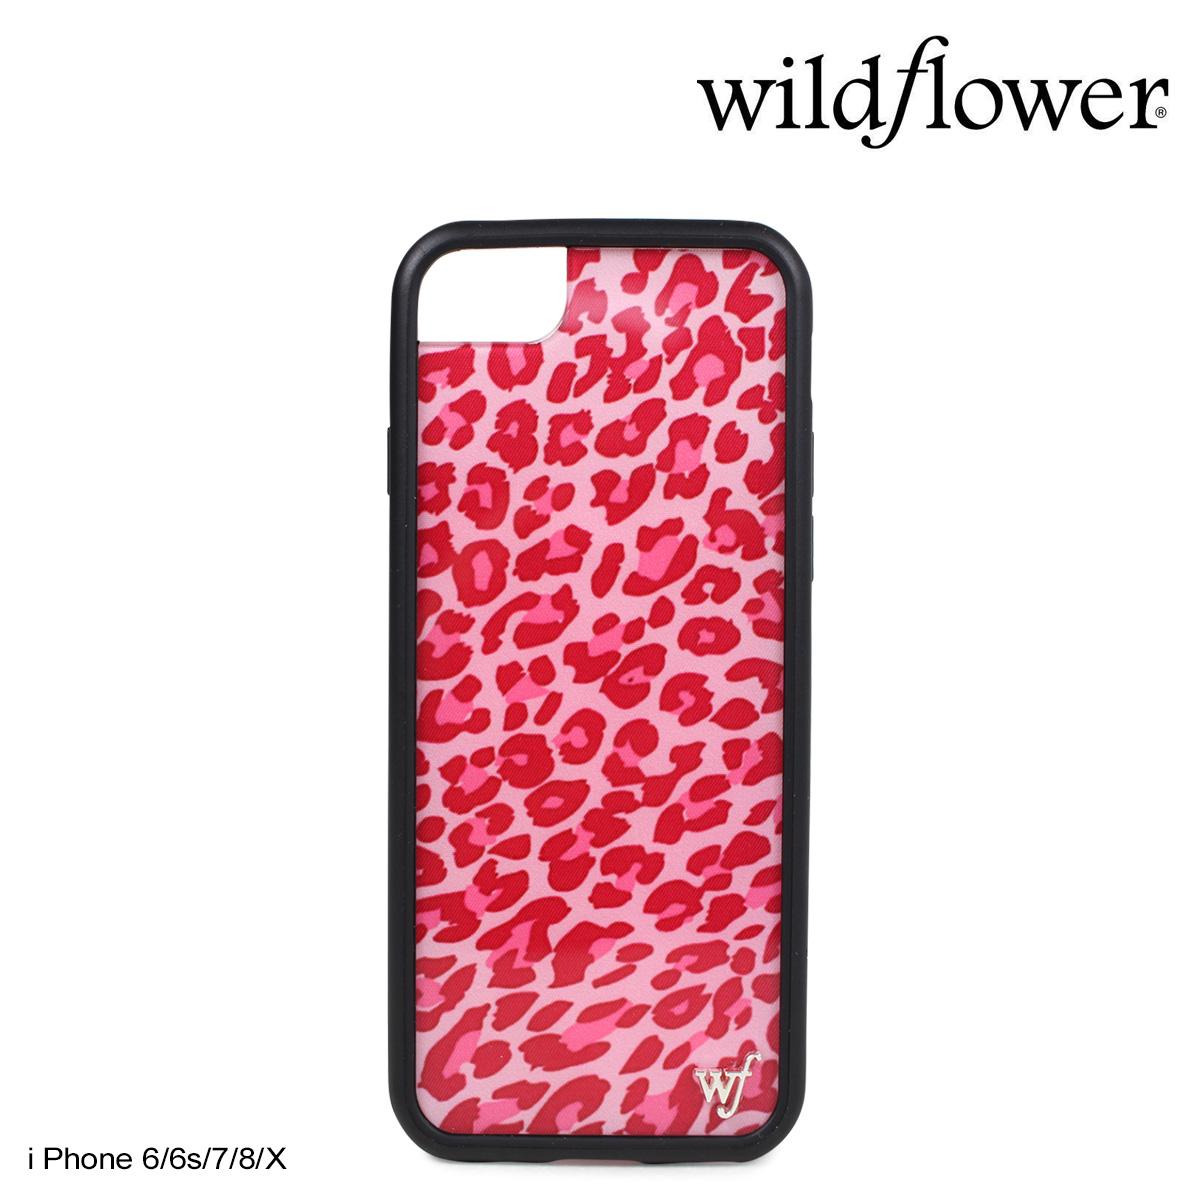 wildflower ワイルドフラワー iPhone8 SE X 7 6 6s ケース スマホ 携帯 アイフォン レディース ピンク レオパード ピンク PLEO ネコポス